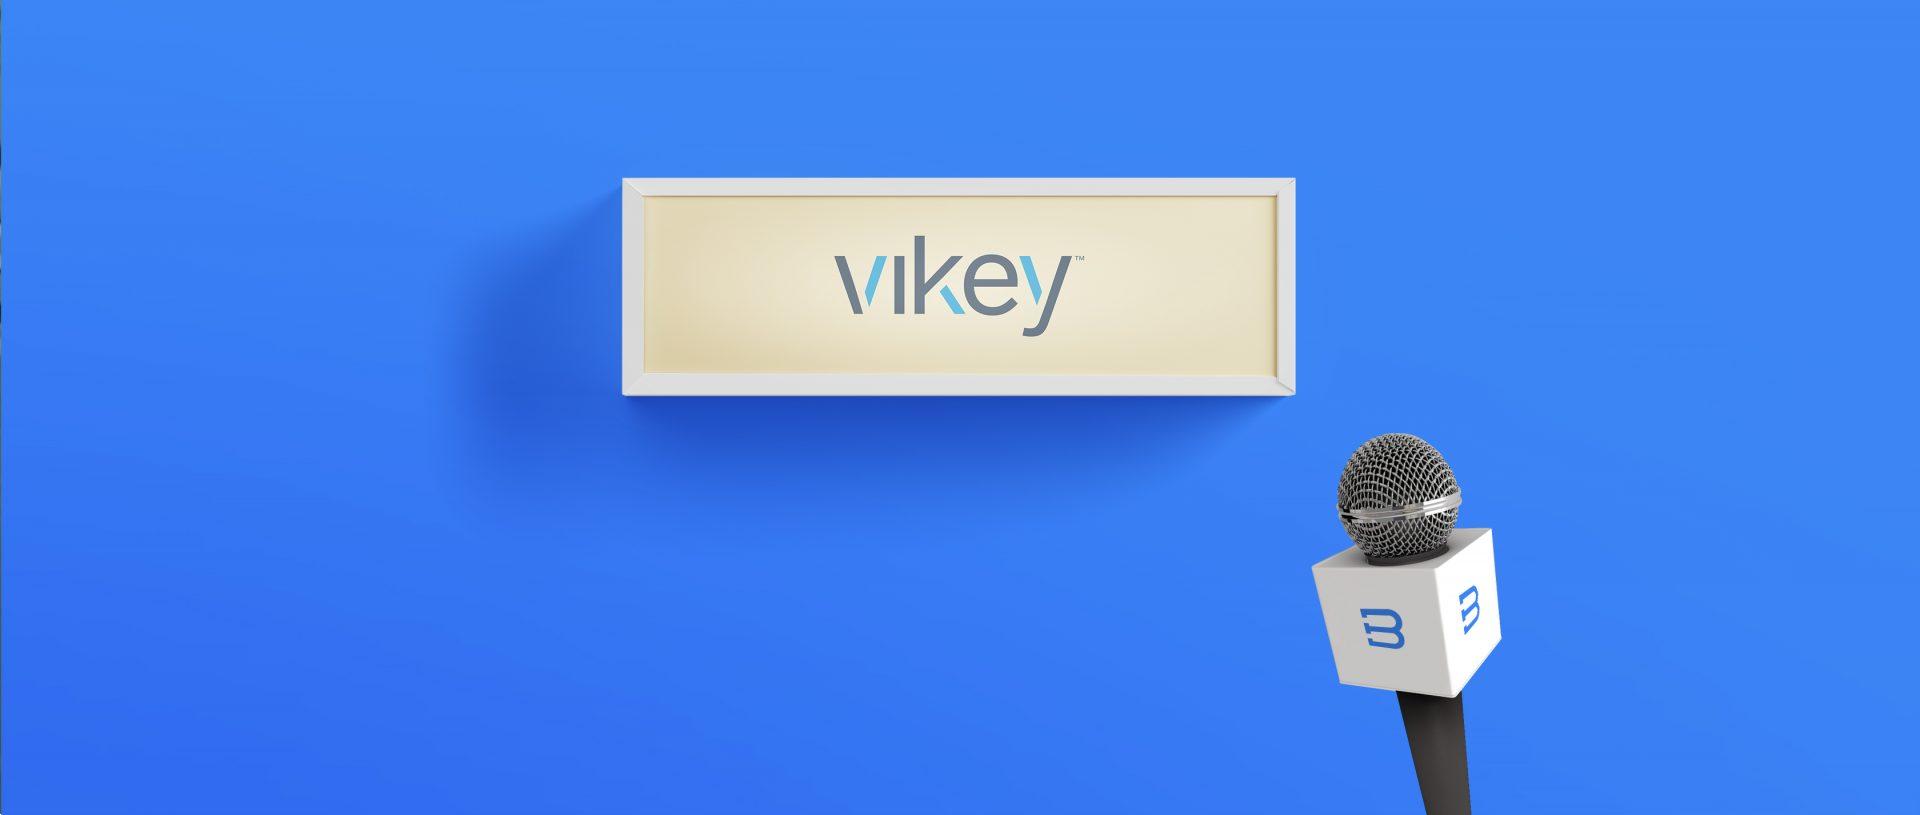 L'intervista a Vikey su Buytron